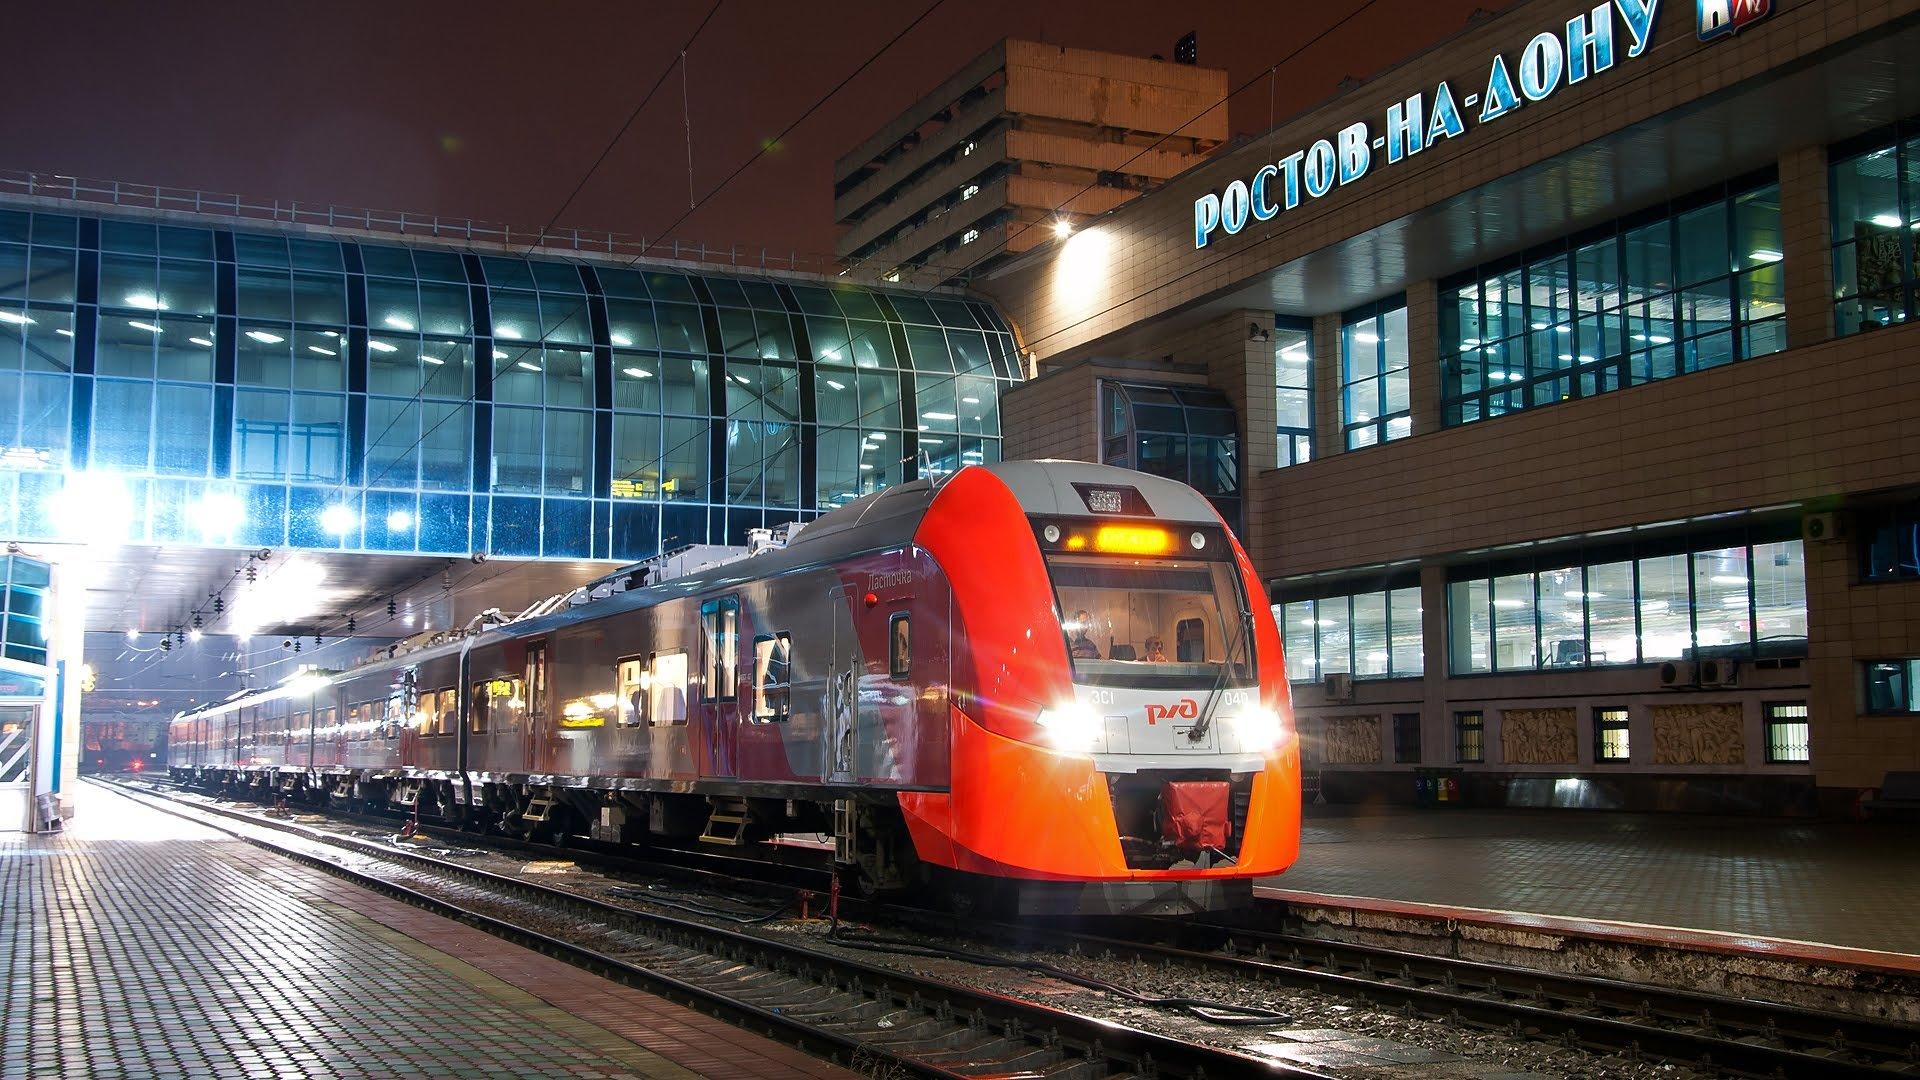 Едем в город южный: как живут разработчики в Ростове - 27